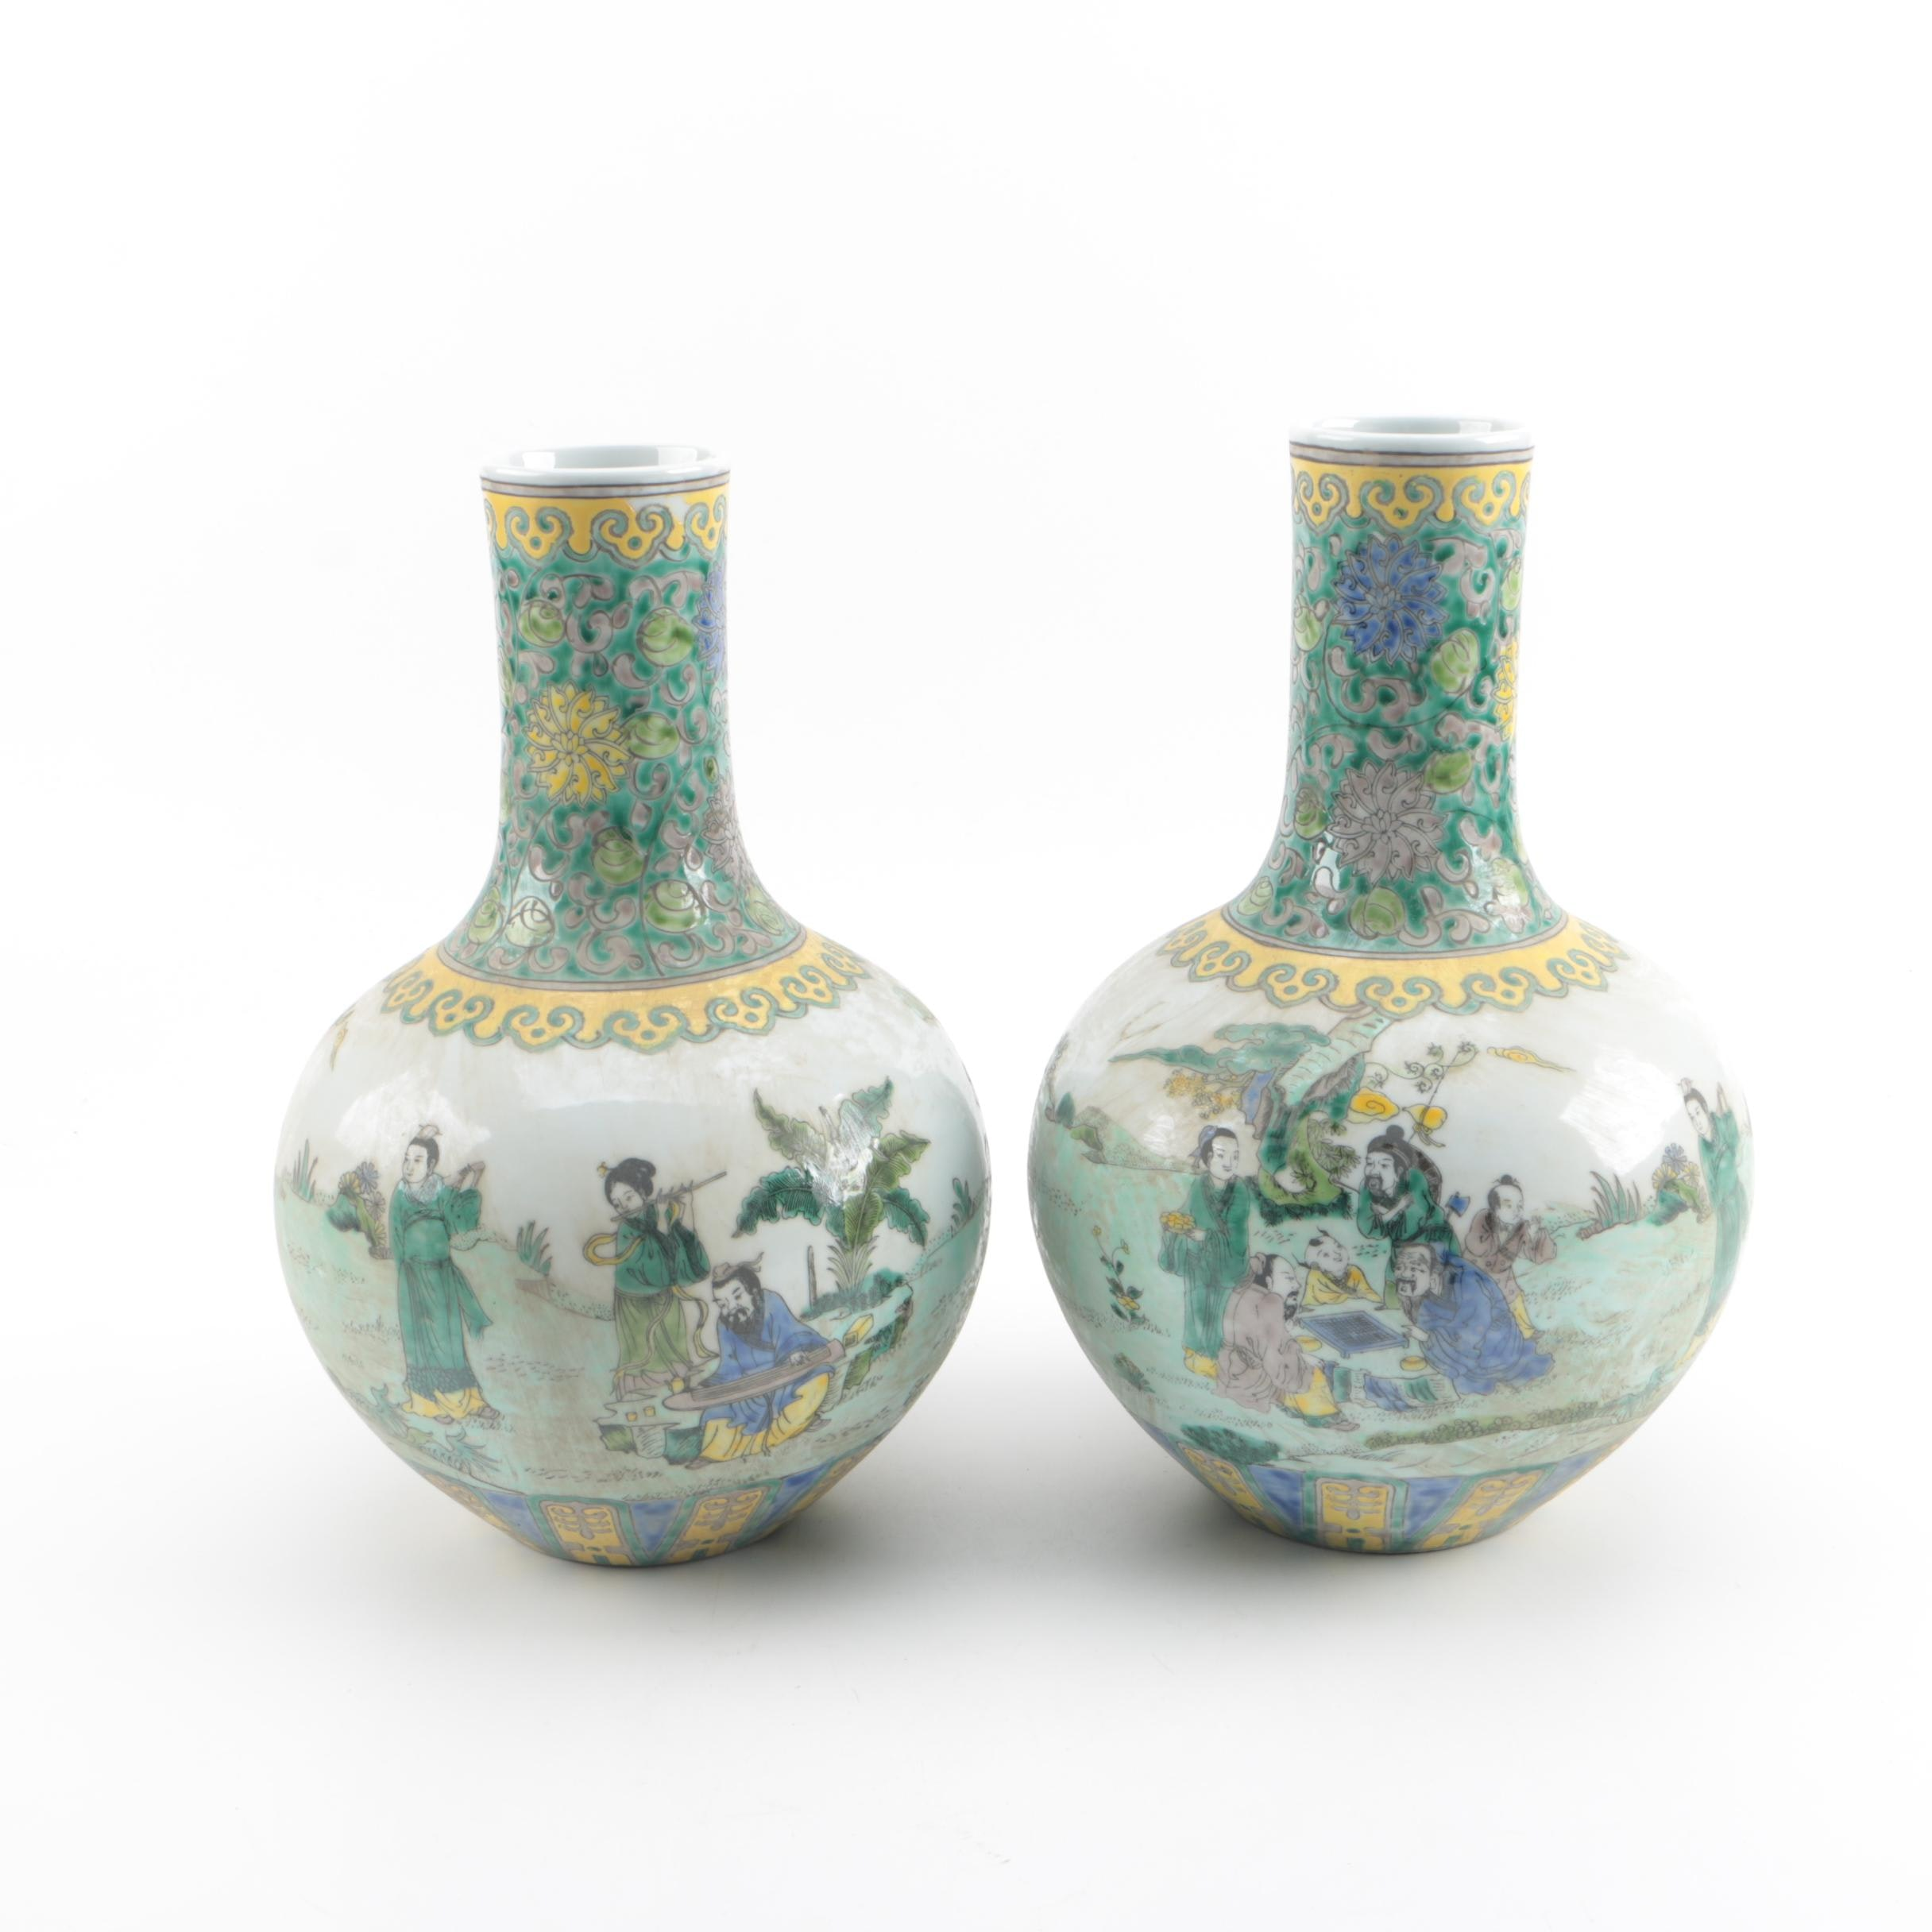 Chinese Hand-Painted Susancai Porcelain Tianqiu Bottle Vases